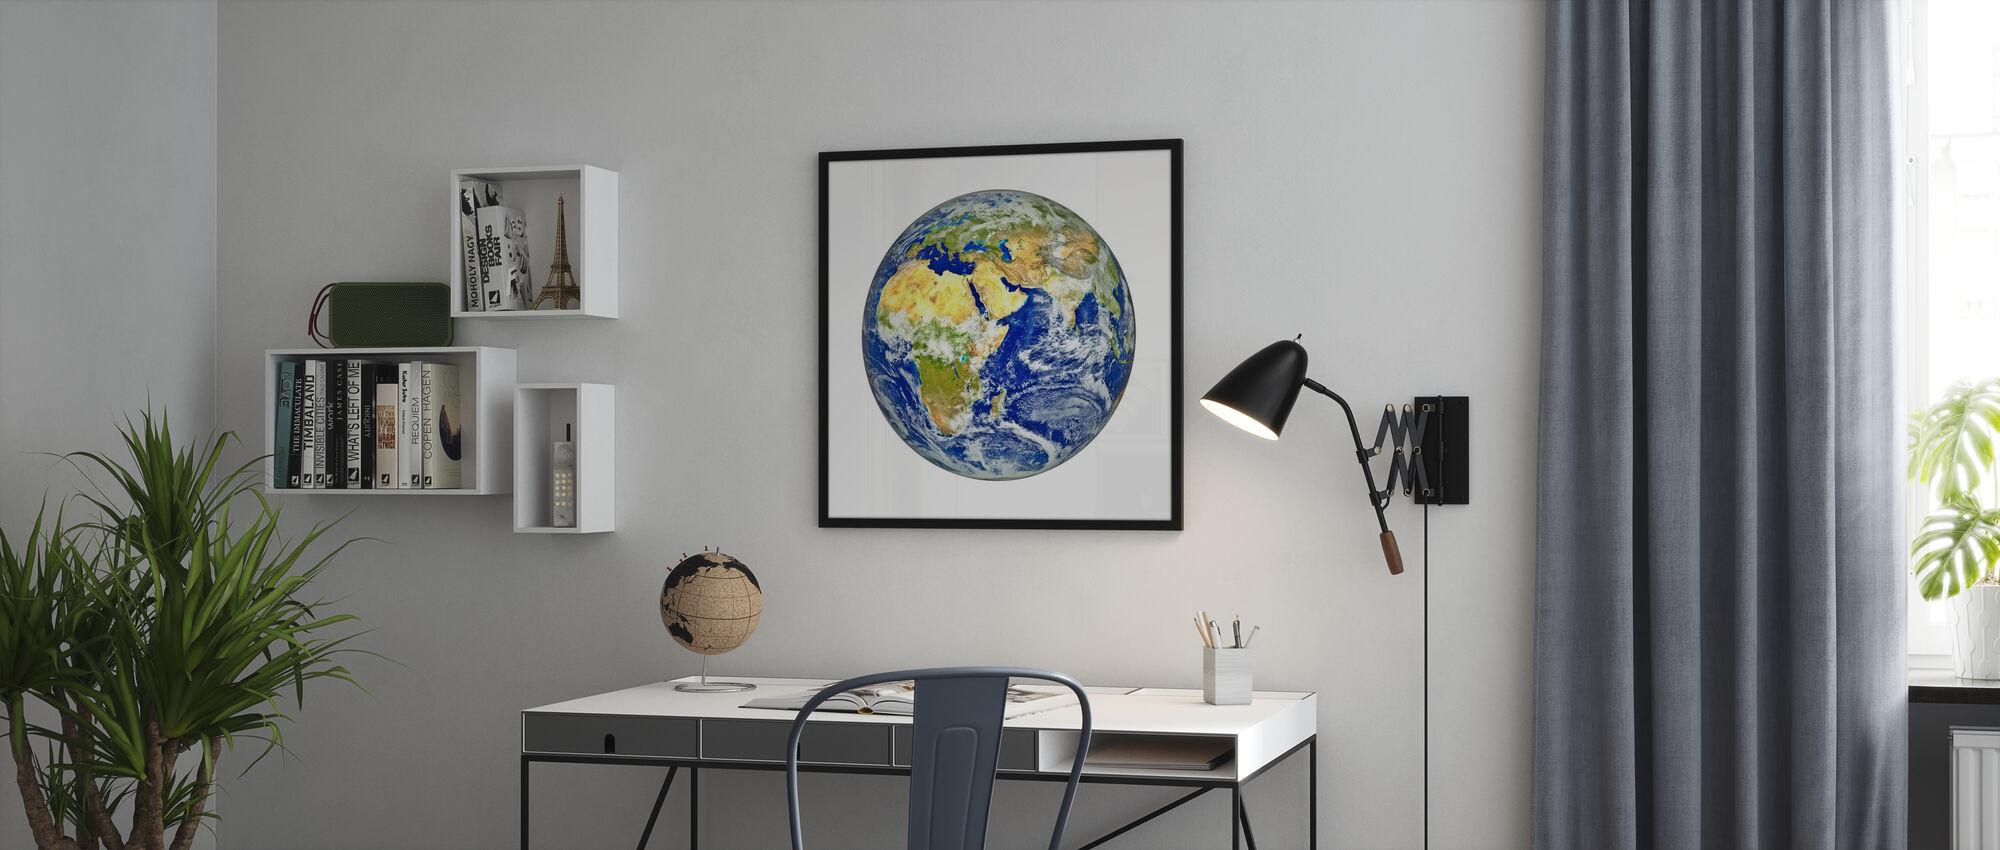 Erde mit afrikanischem und asiatischem Kontinent - Gerahmtes bild - Büro